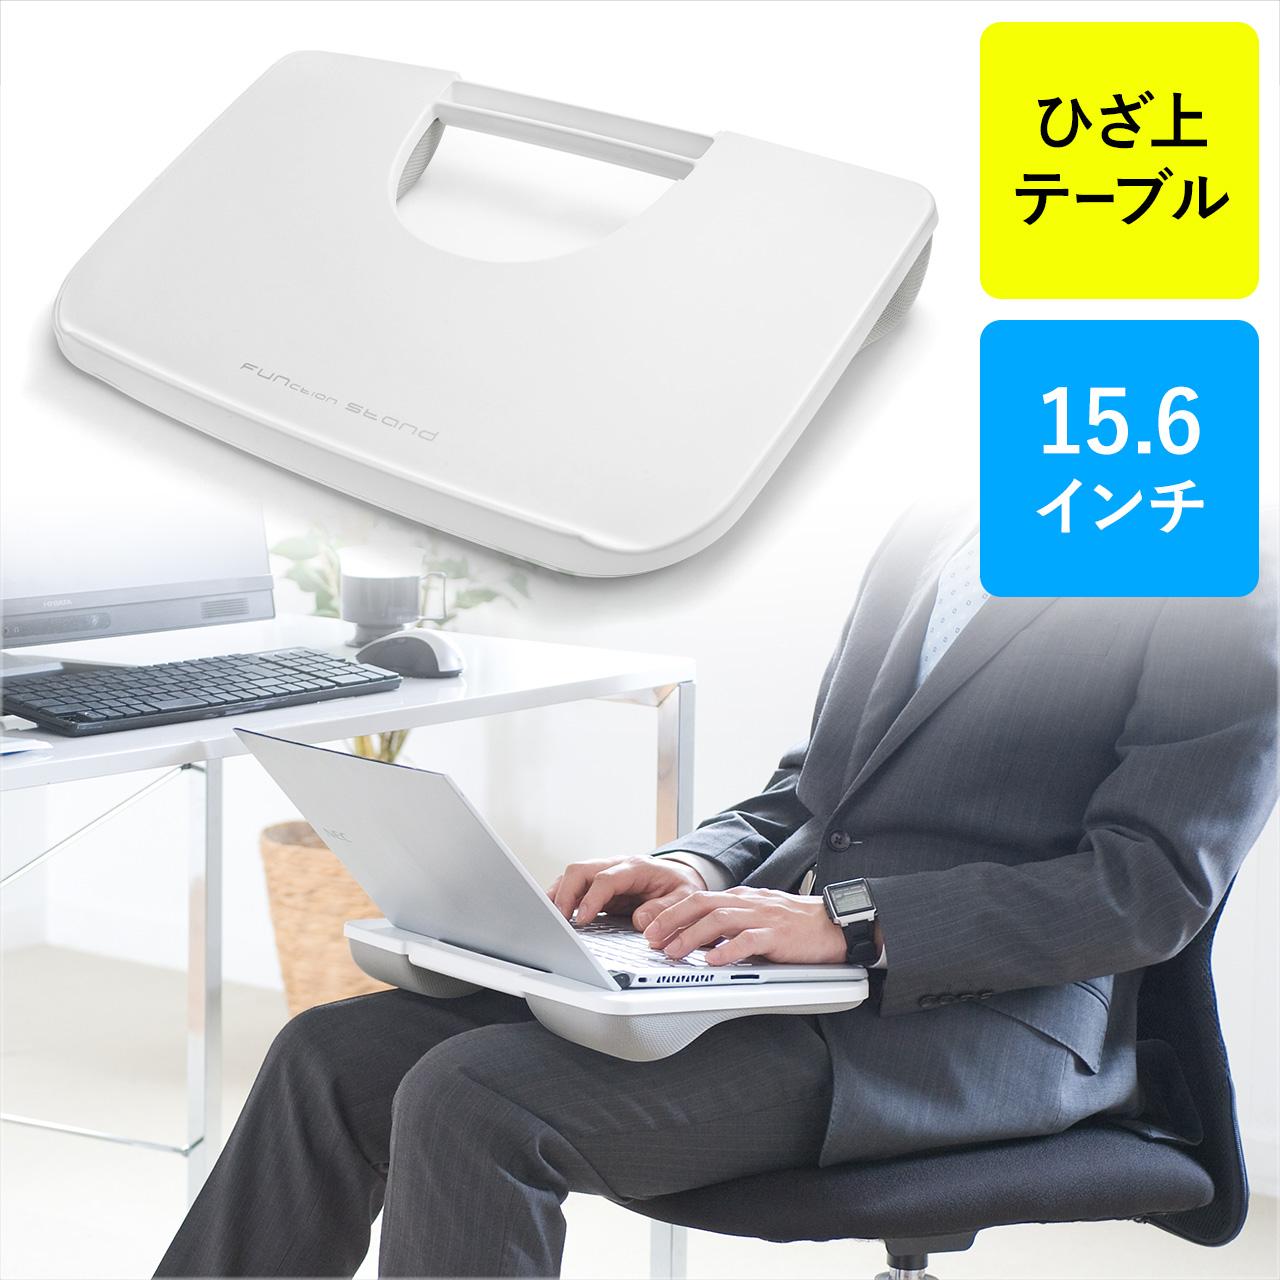 膝上テーブル(ノートパソコン/タブレット用・ホワイト) サンワダイレクト サンワサプライ 200-HUS005W